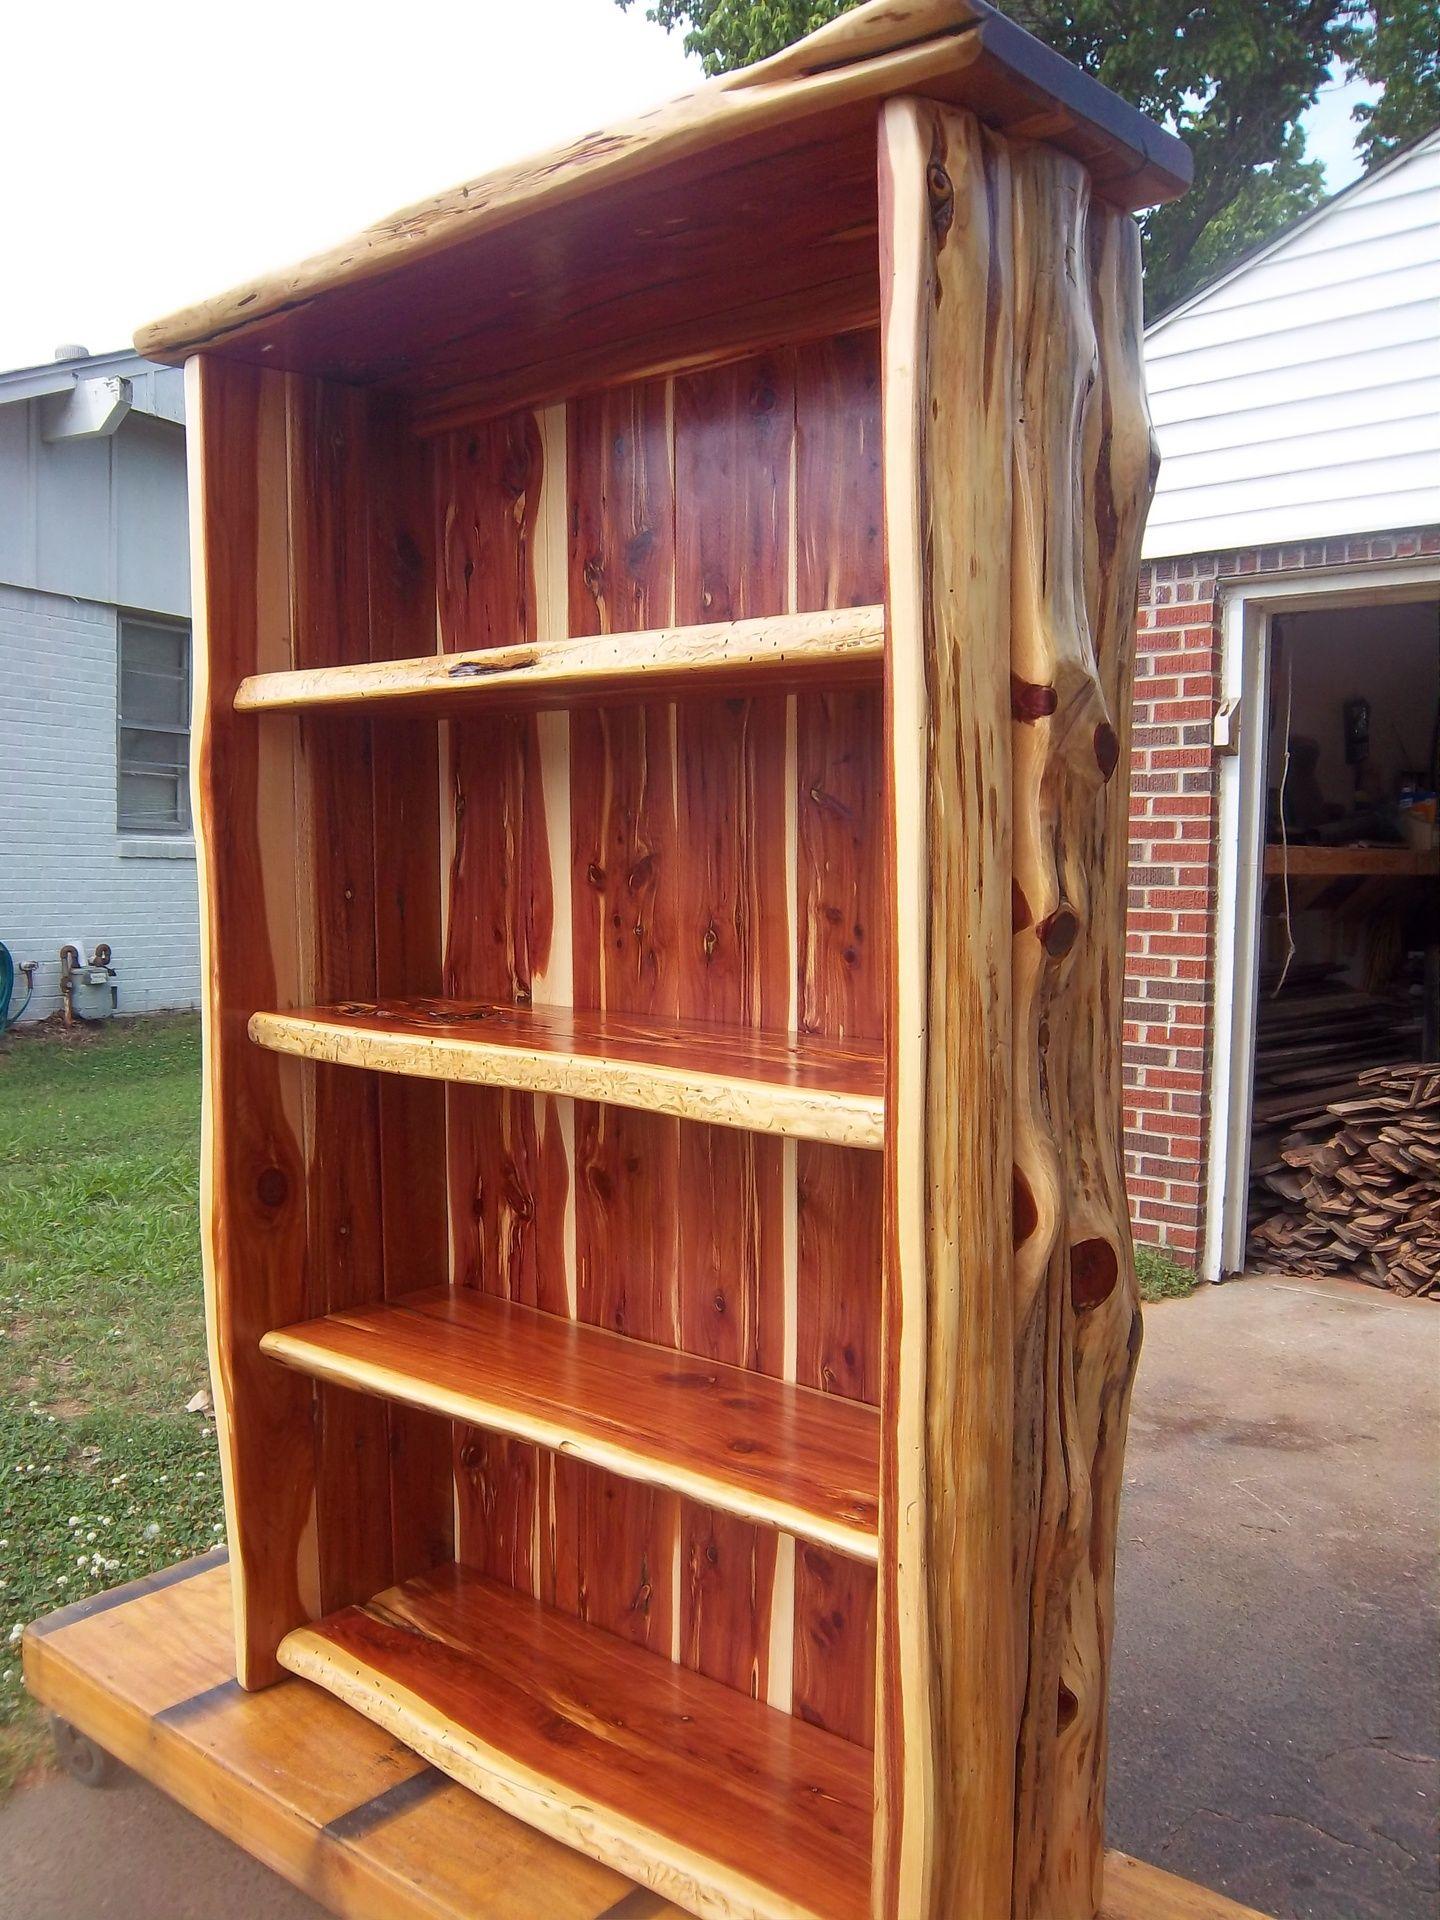 Bookshelf 469 Rustic House Reclaimed Barn Wood Home Furnishings